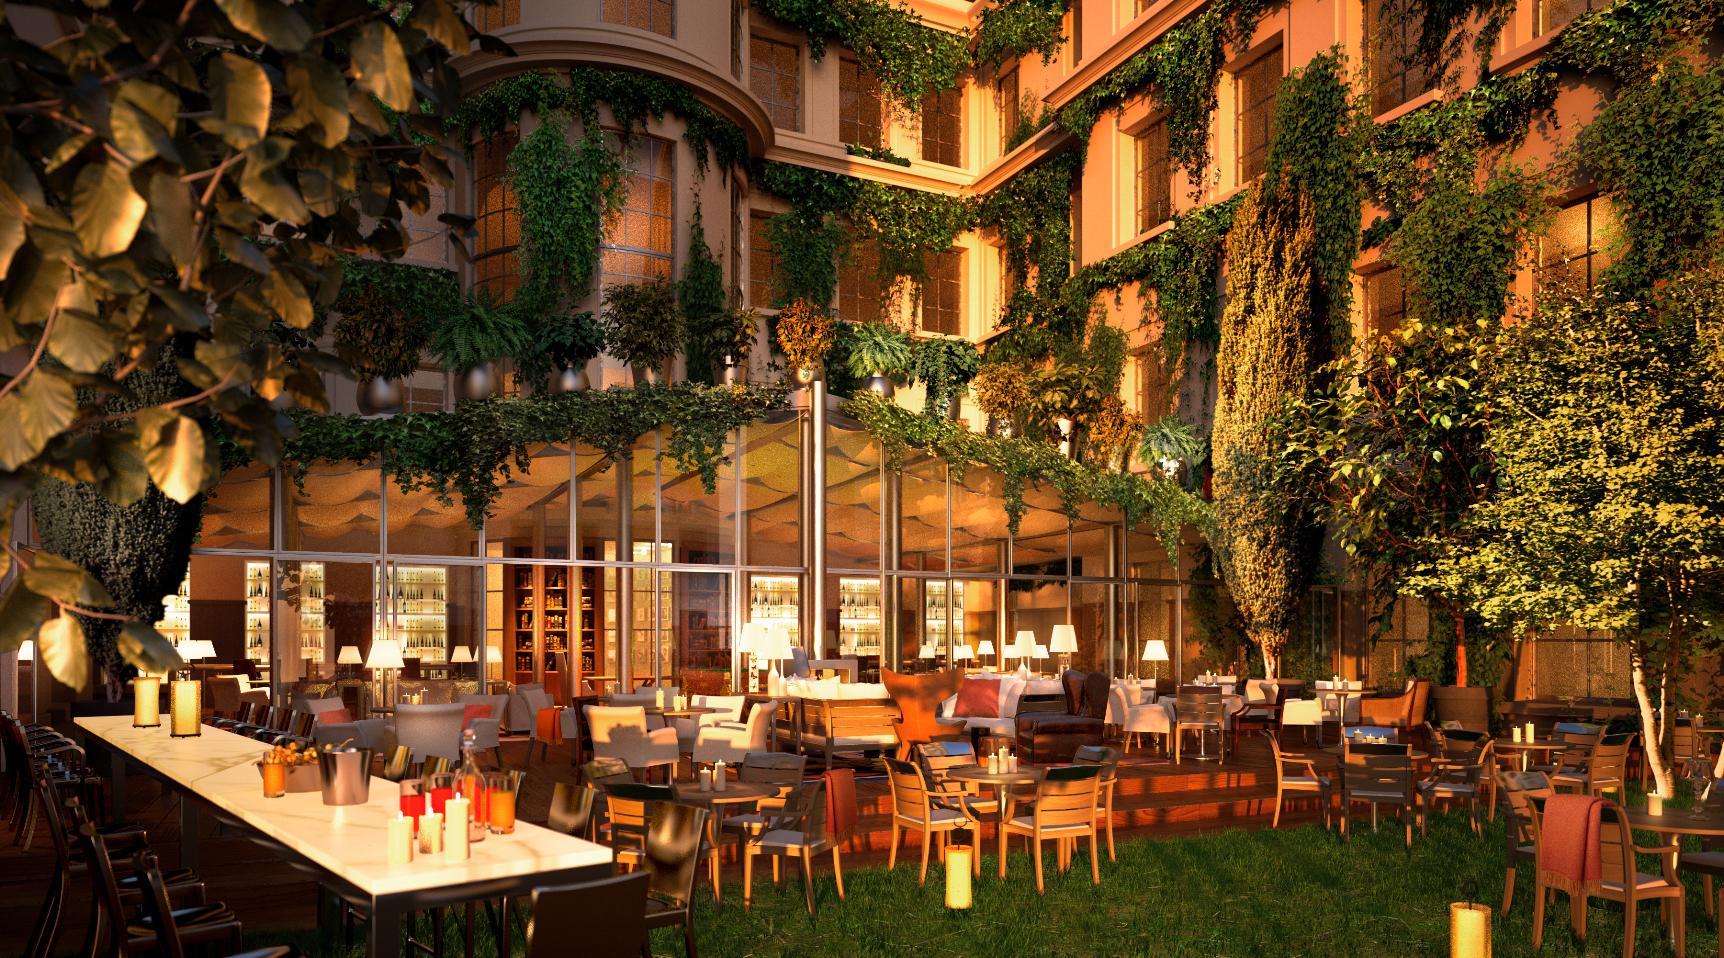 Rosewood Sao Paulo Rendering - Courtyard.jpg